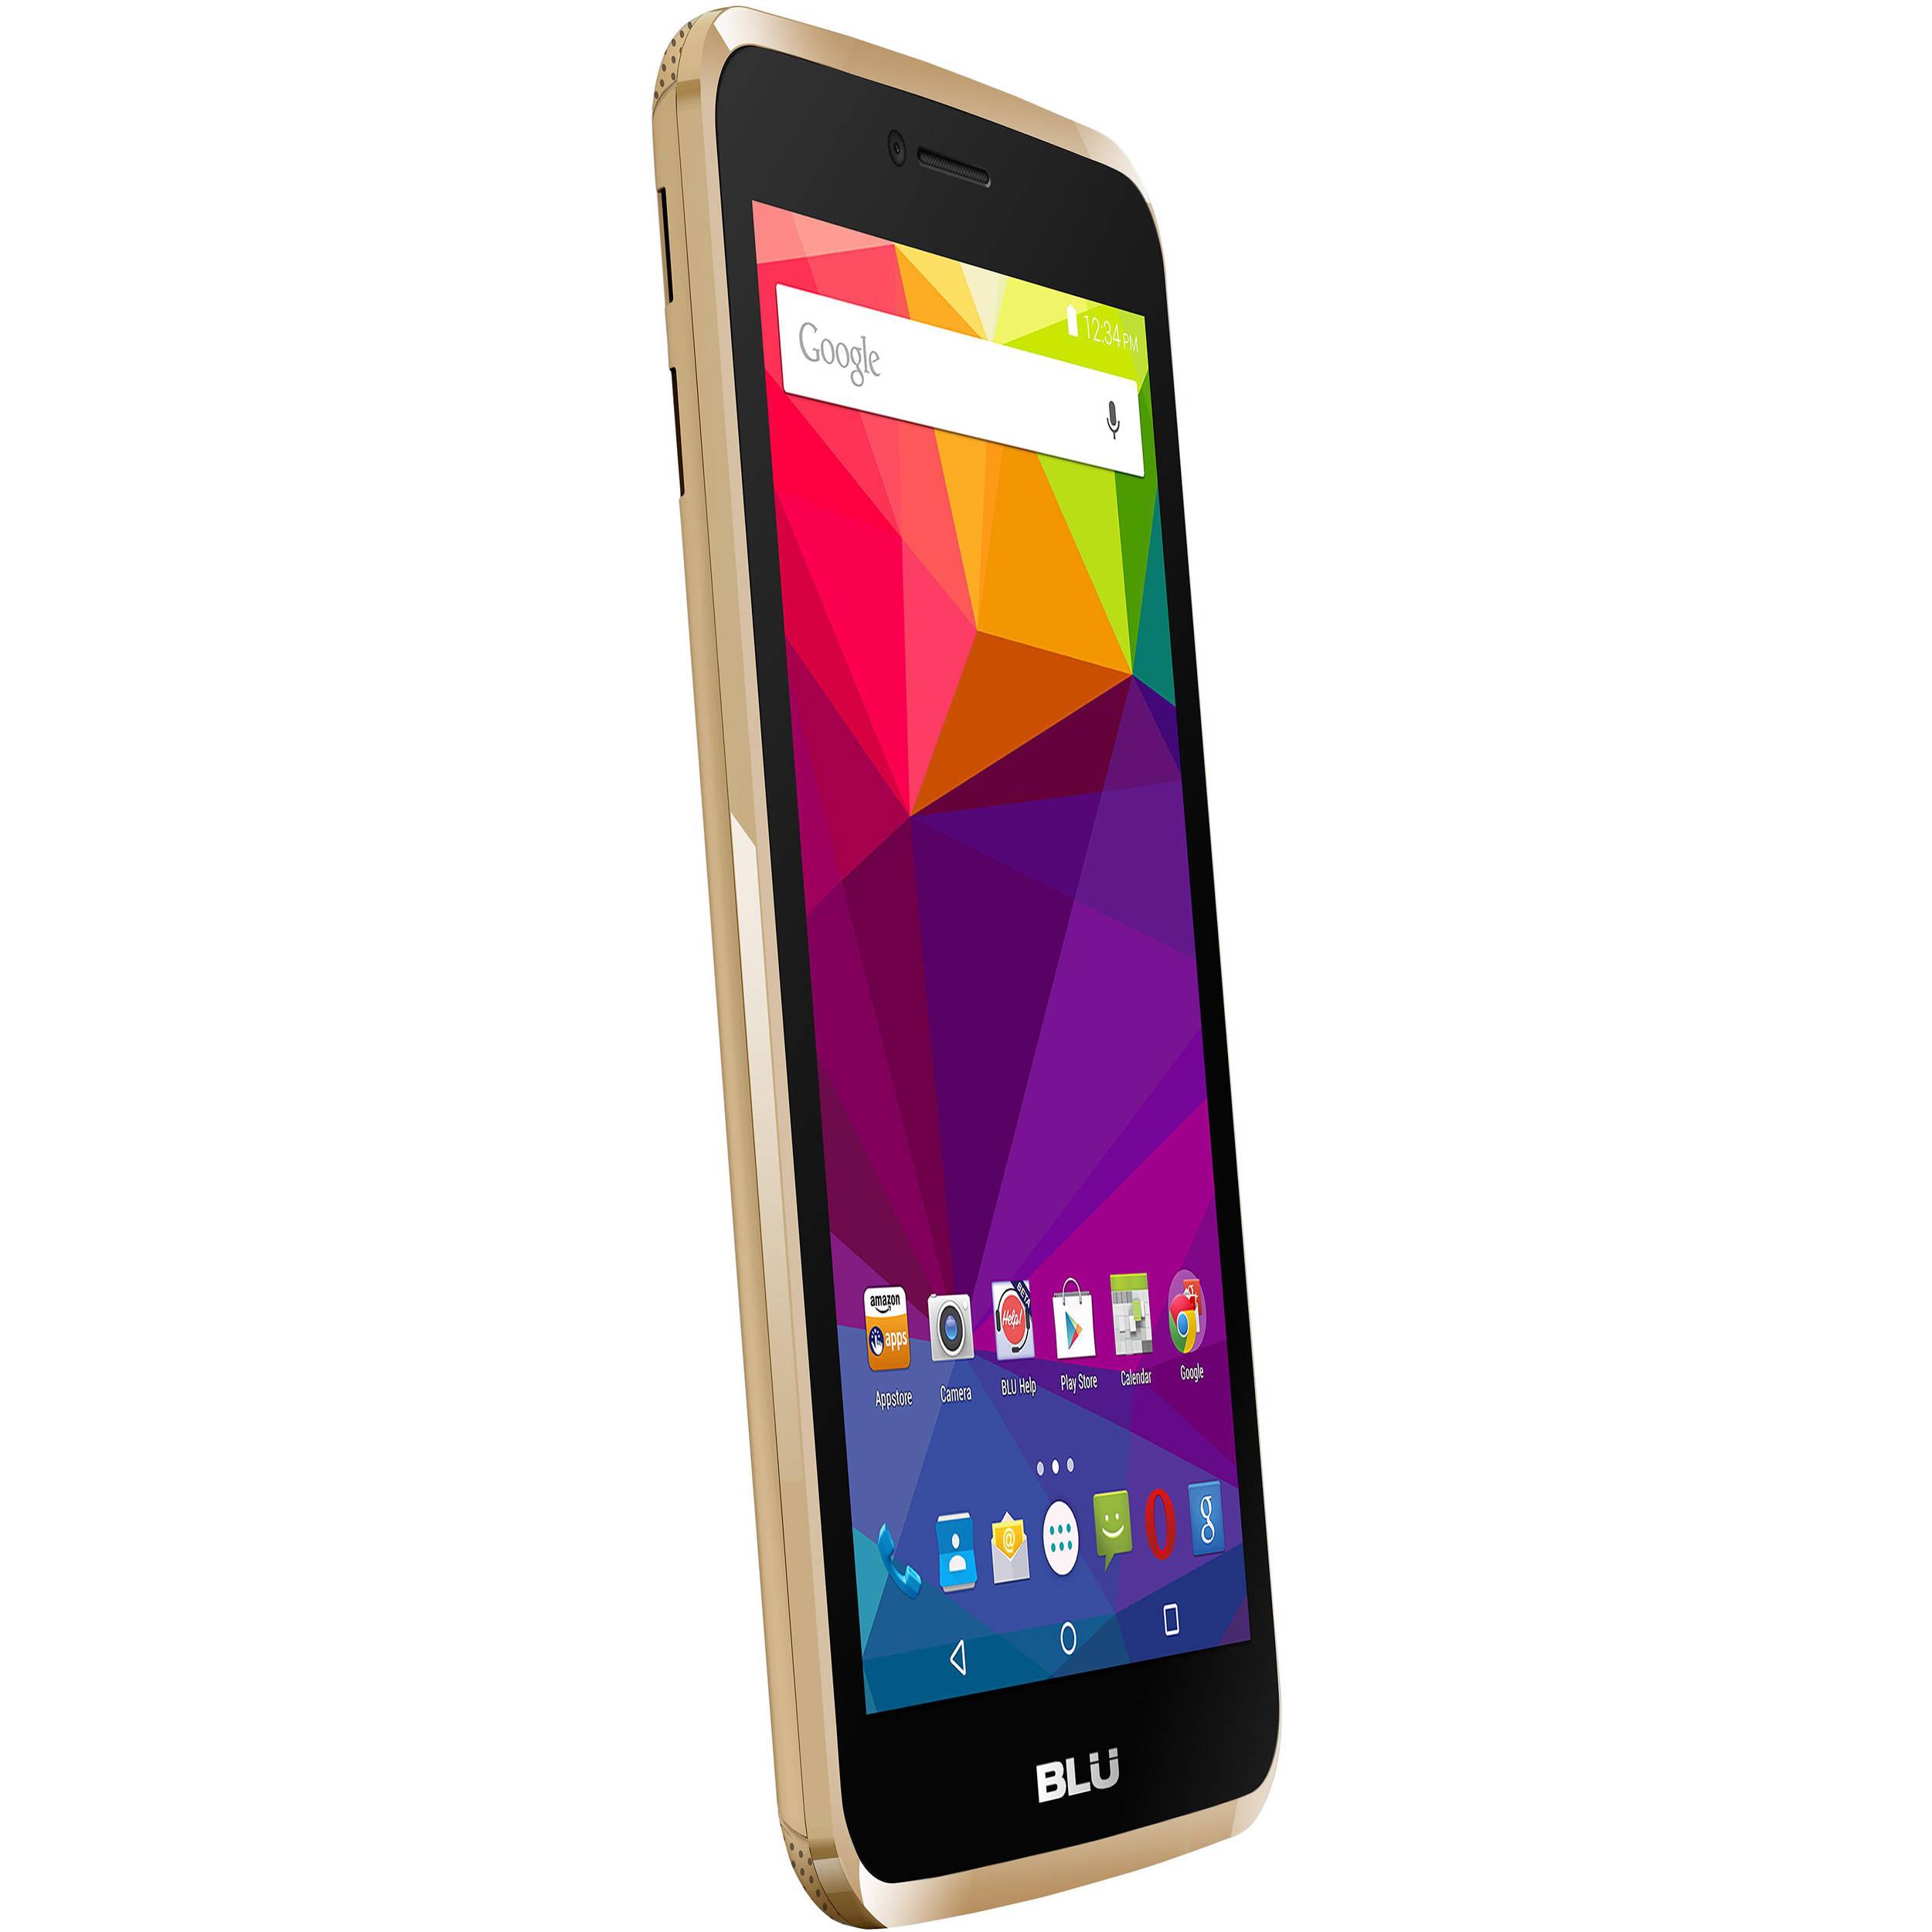 blu touchbook g7 p240u 4gb smartphone unlocked gold rh bhphotovideo com Blu Touch Book Review Blu Touch Book 7.0 3G